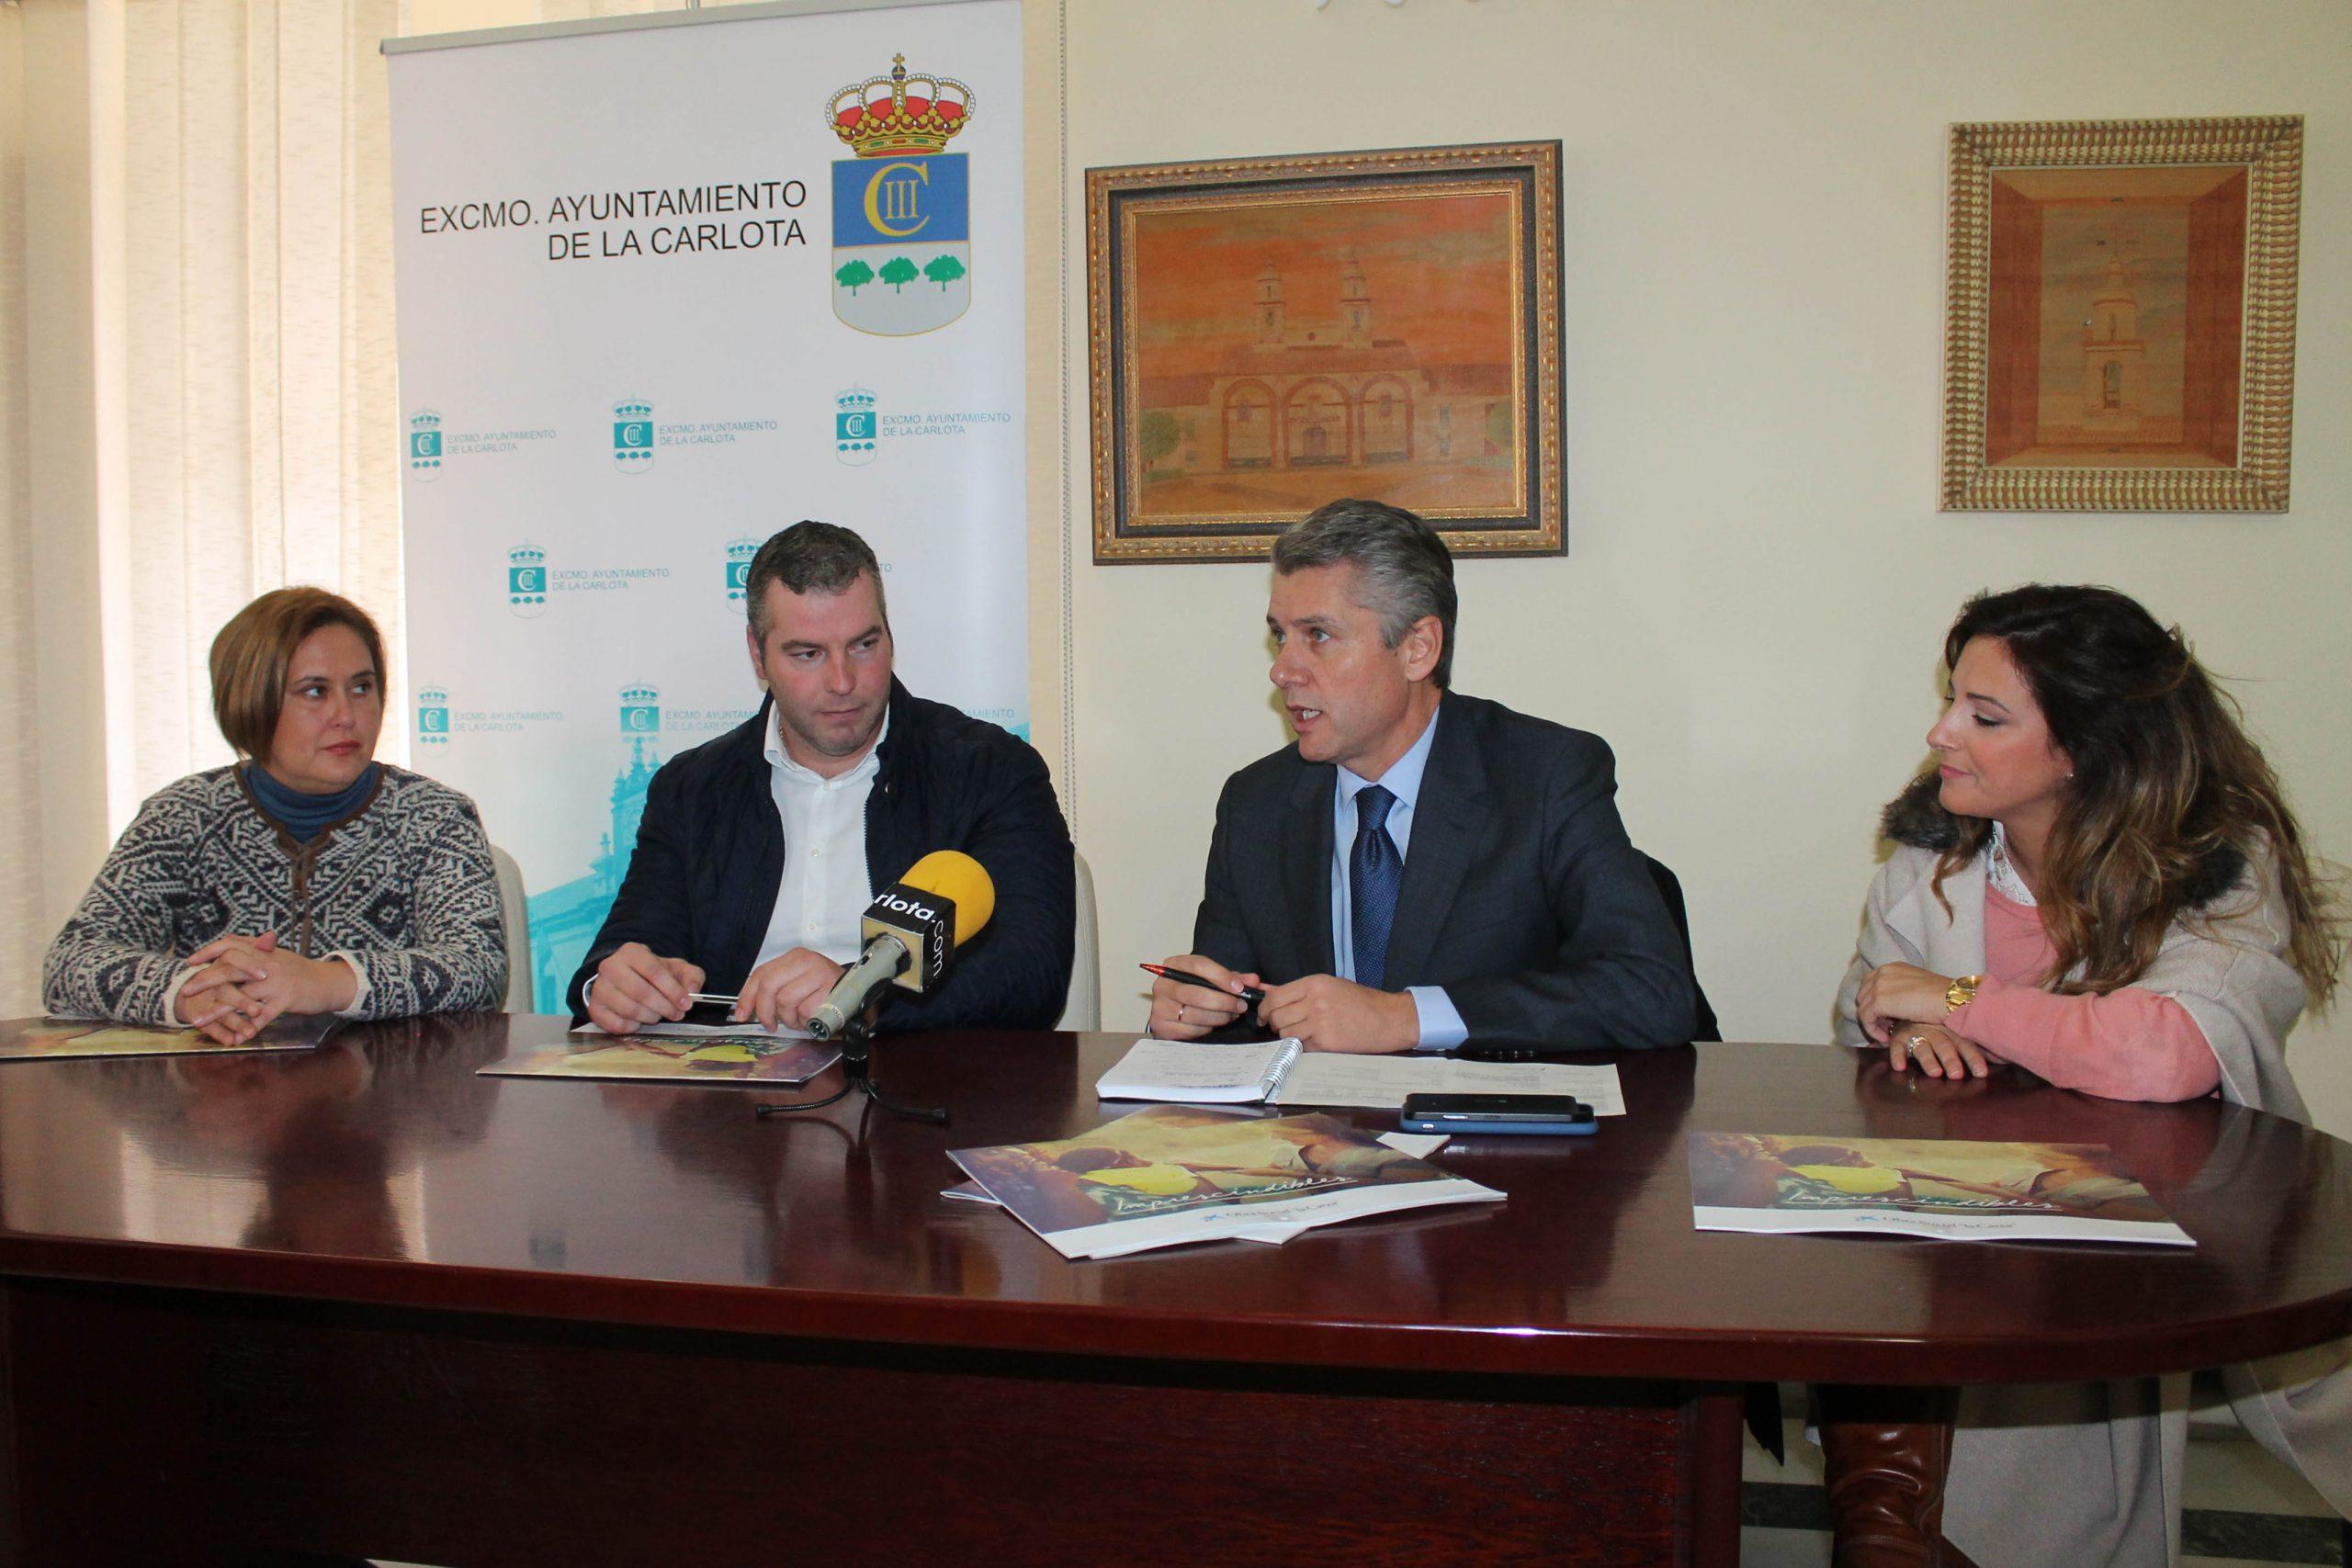 EL AYUNTAMIENTO RECIBE 2.500 EUROS DE OBRA SOCIAL LA CAIXA PARA COLABORAR EN ADQUISICIÓN DE MATERIAL ESCOLAR 1